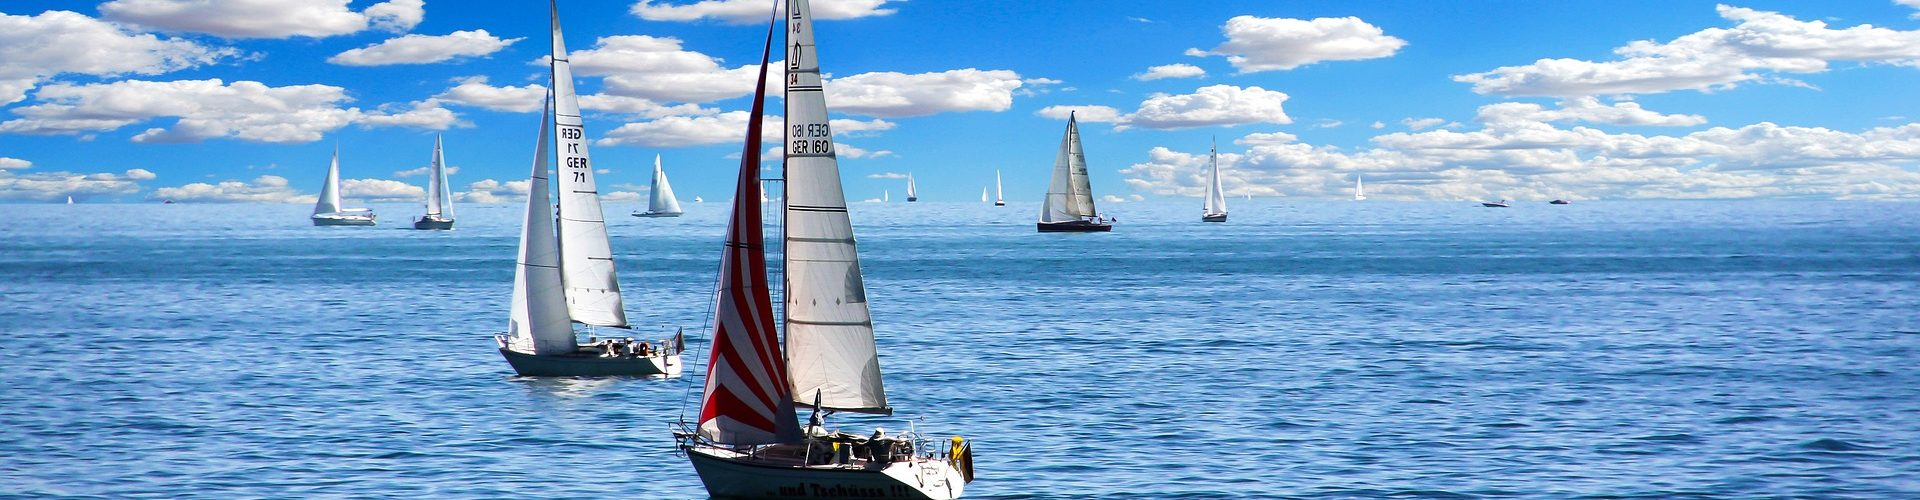 segeln lernen in Wyhl am Kaiserstuhl segelschein machen in Wyhl am Kaiserstuhl 1920x500 - Segeln lernen in Wyhl am Kaiserstuhl